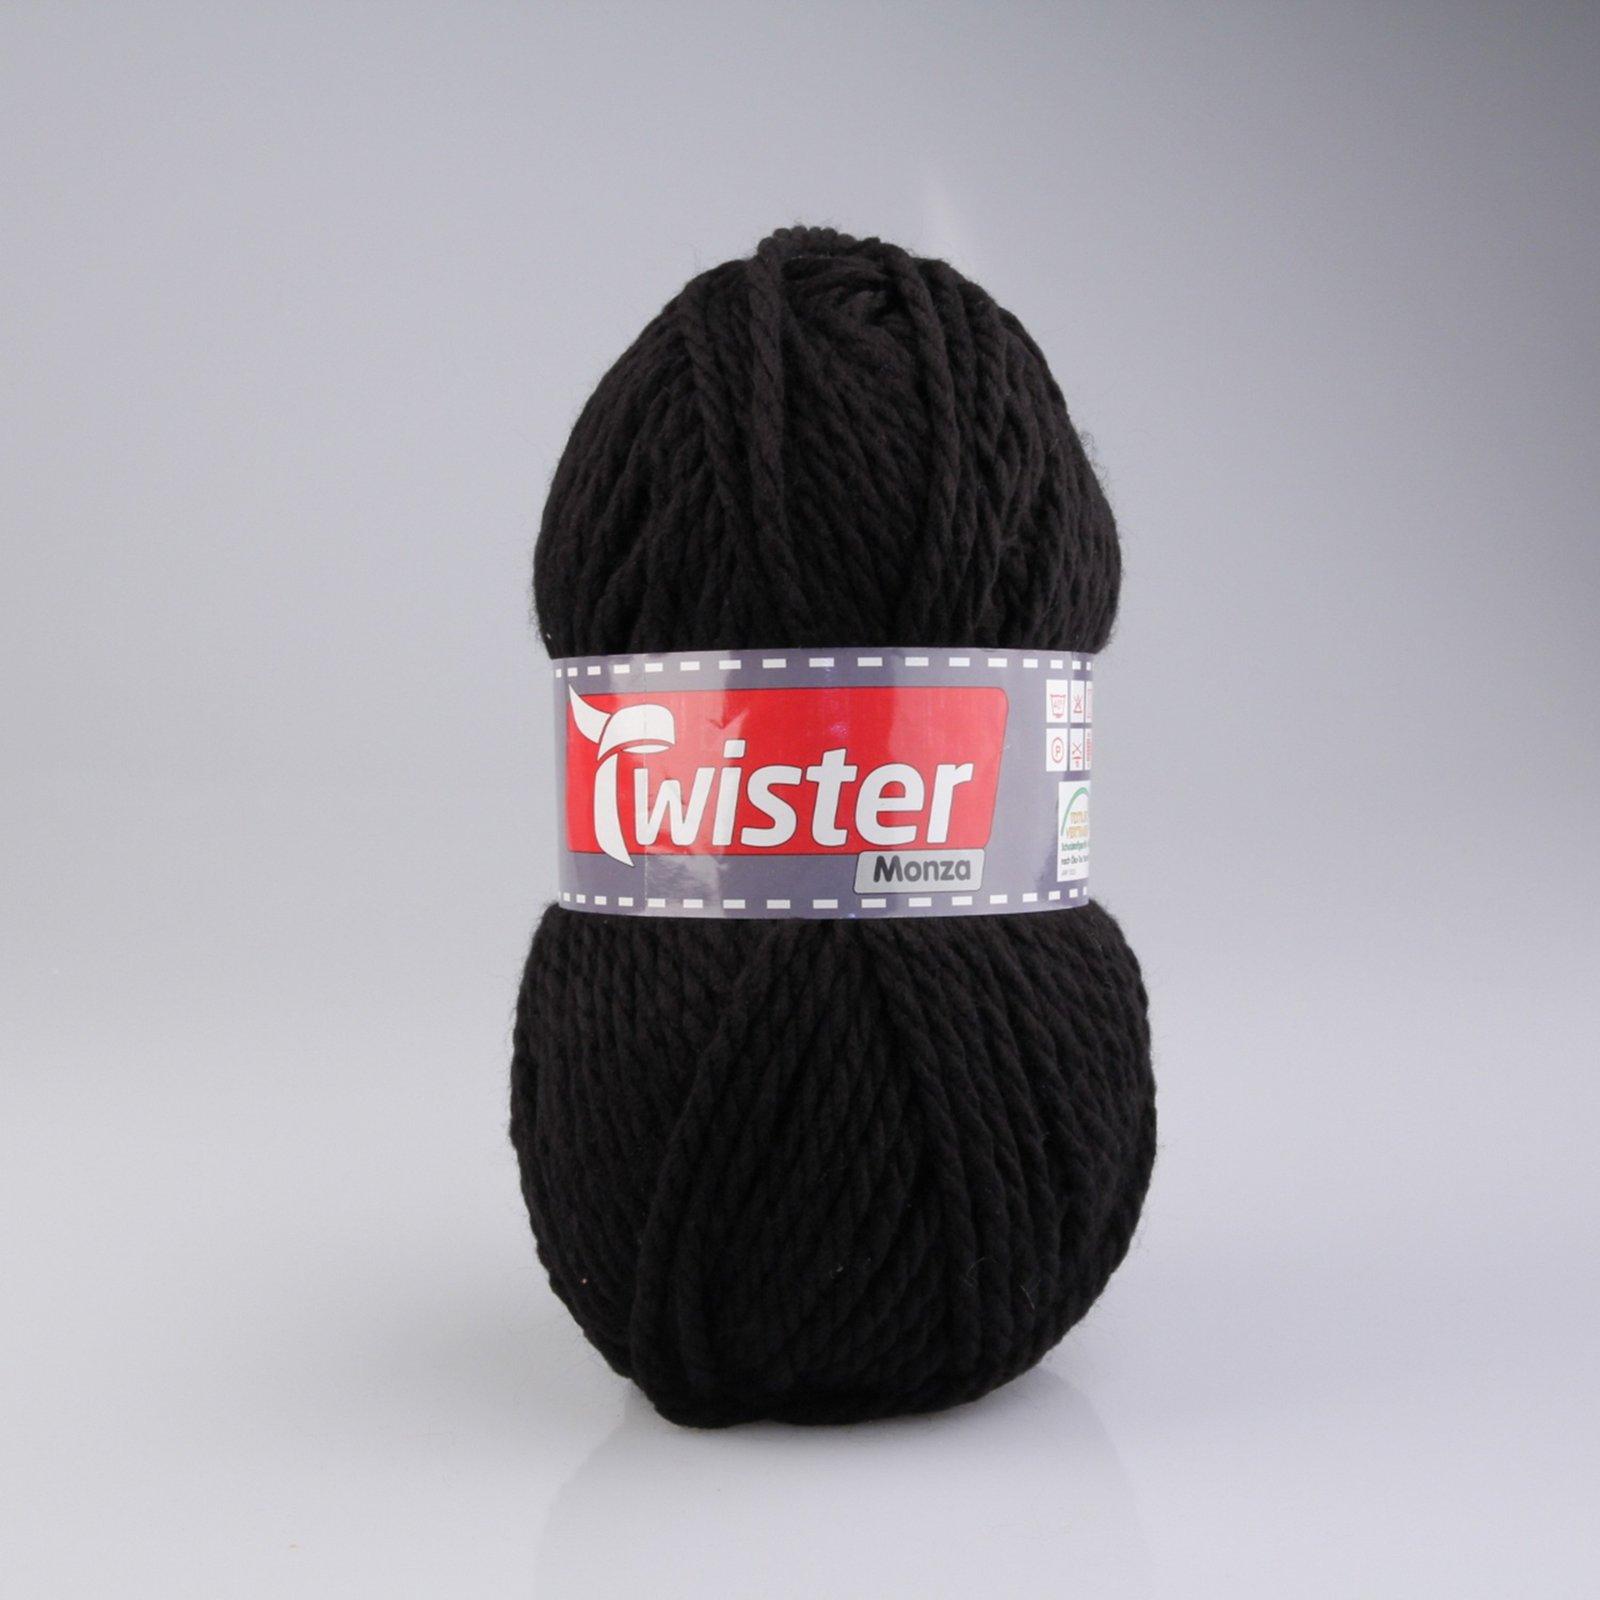 Wolle TWISTER MONZA - schwarz - 200g